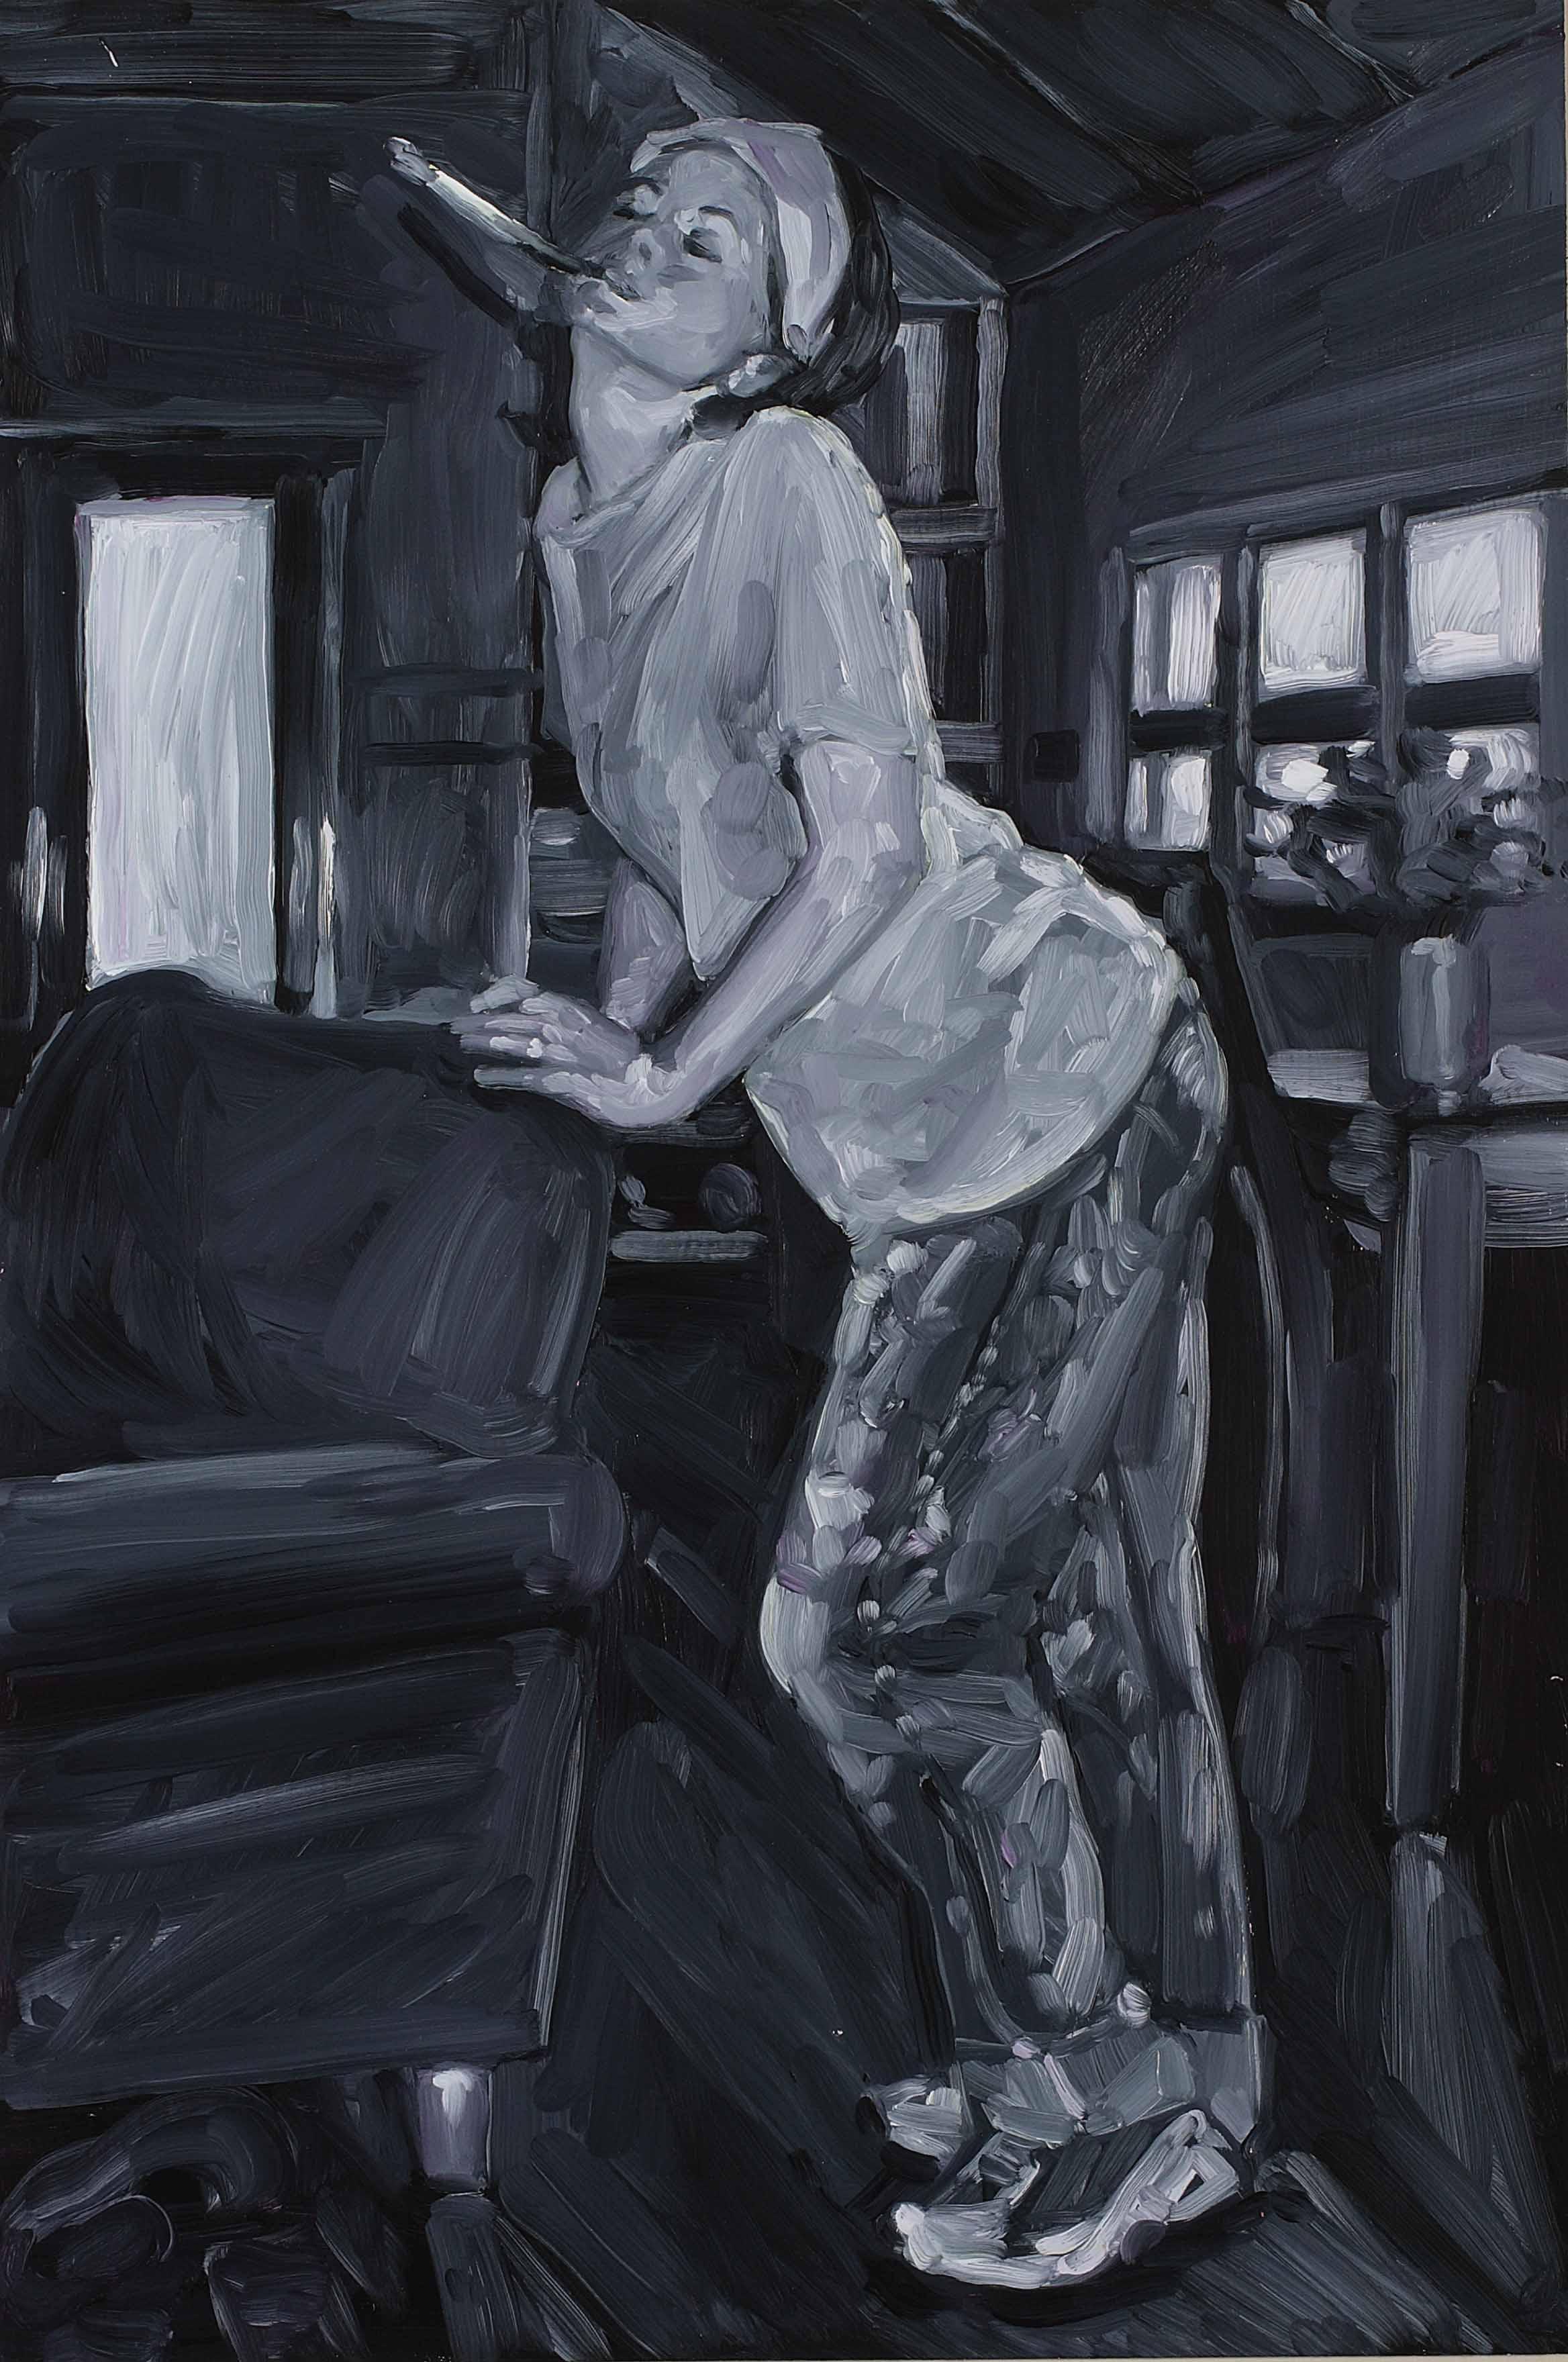 Smoker, oil on board, 60 x 40 cm, 2008.